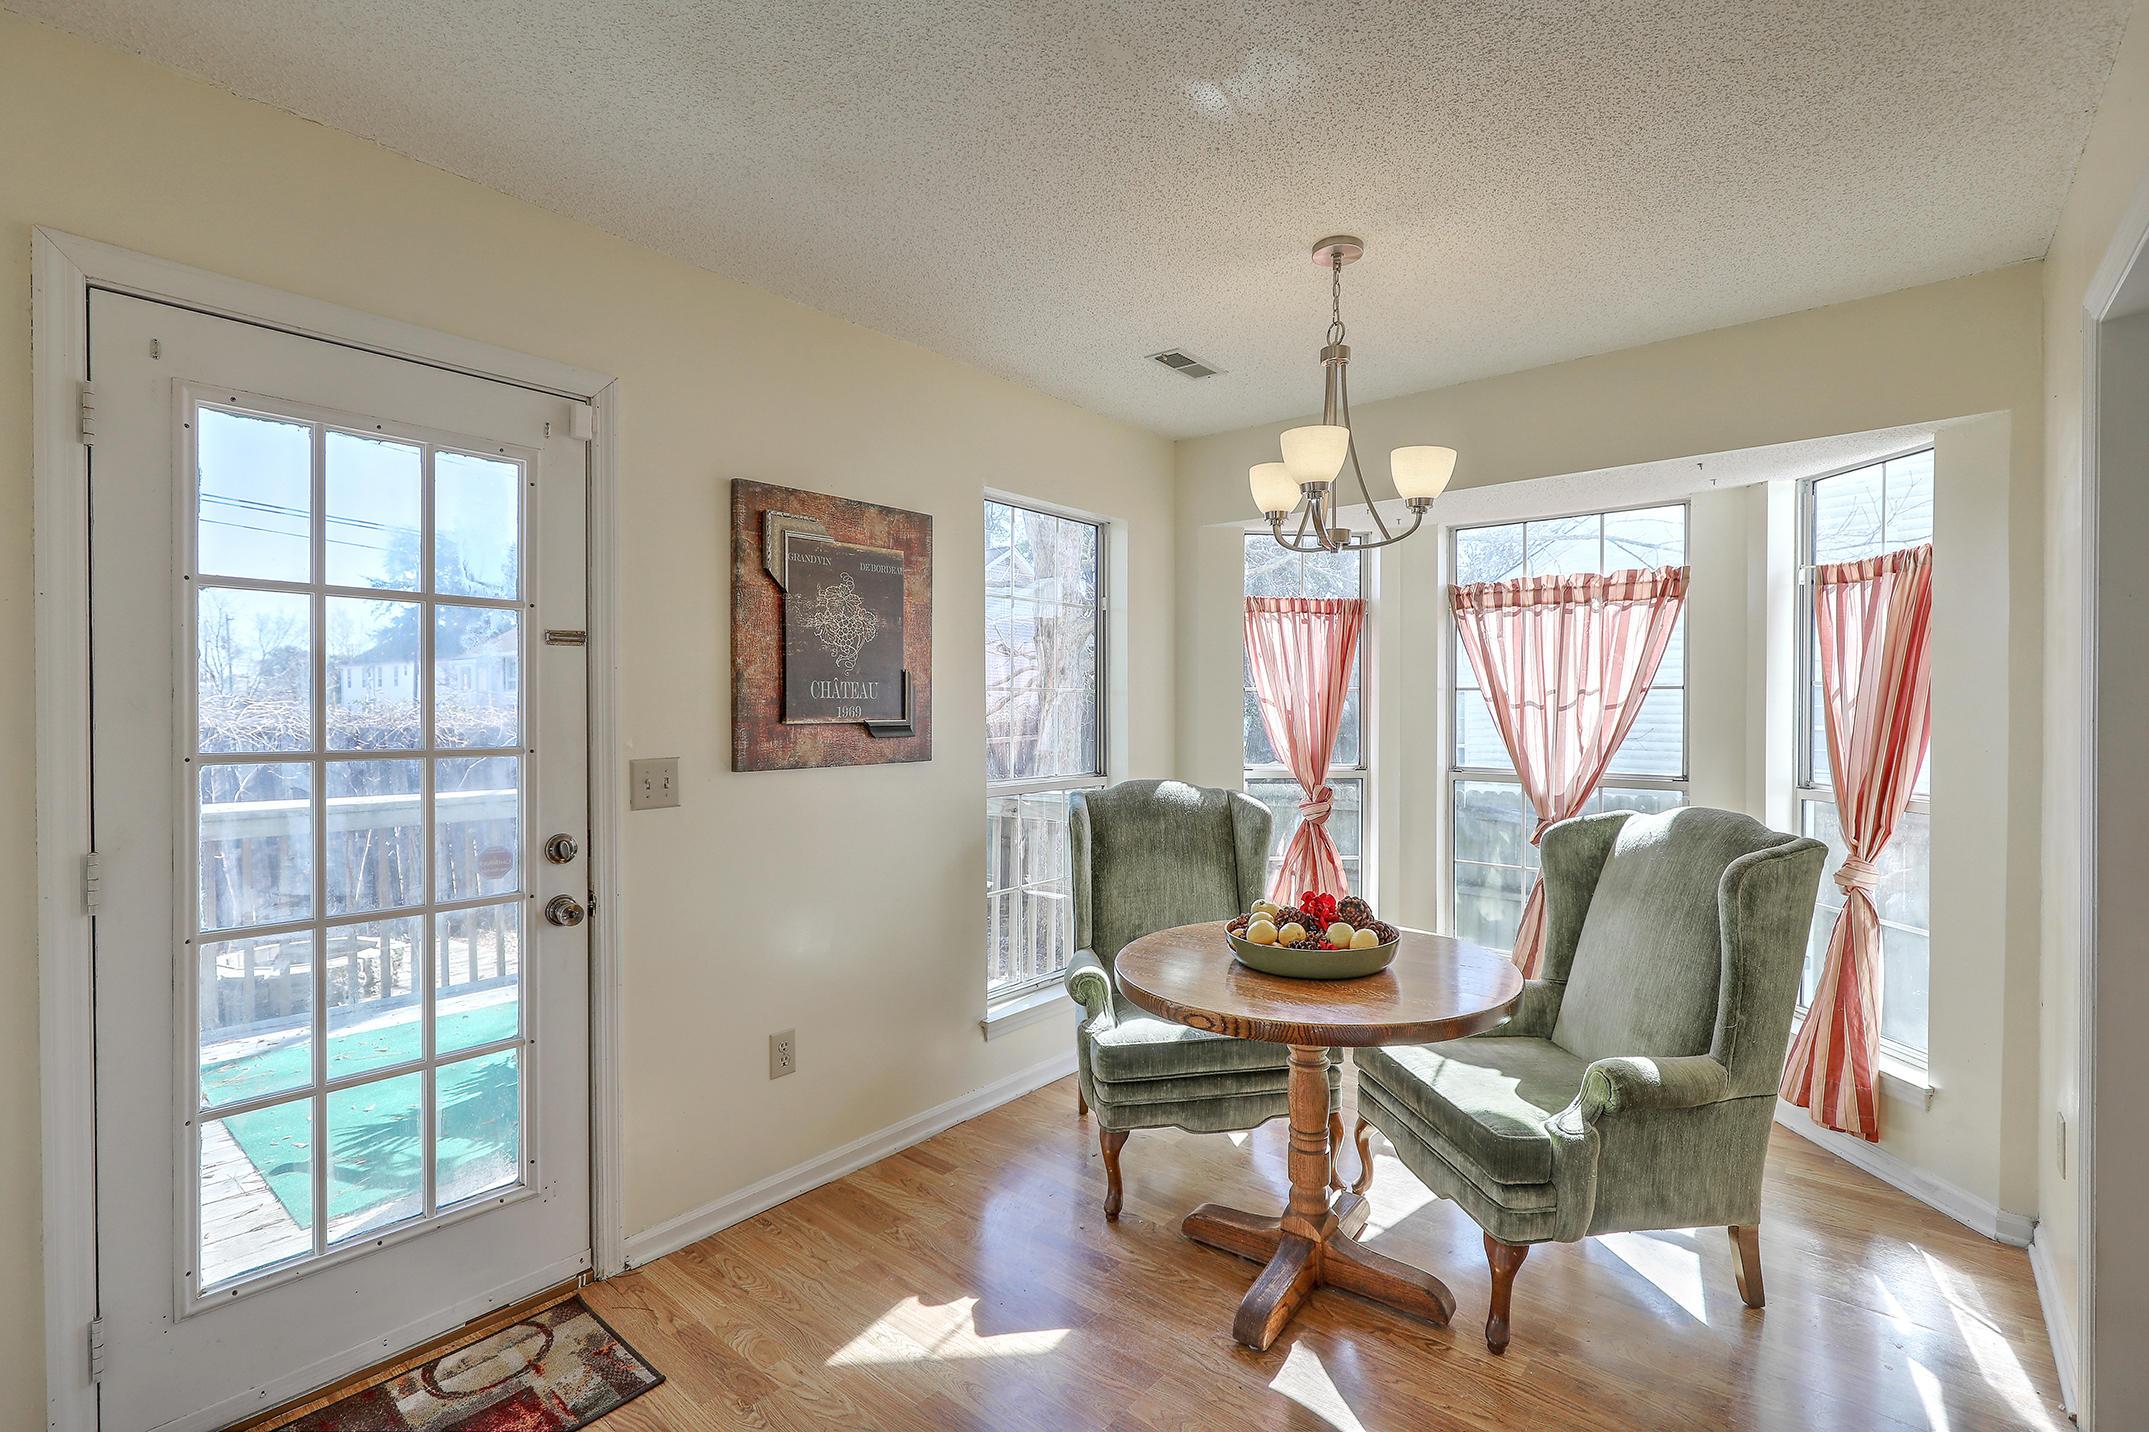 Crichton Parish Homes For Sale - 107 Parish Parc, Summerville, SC - 6